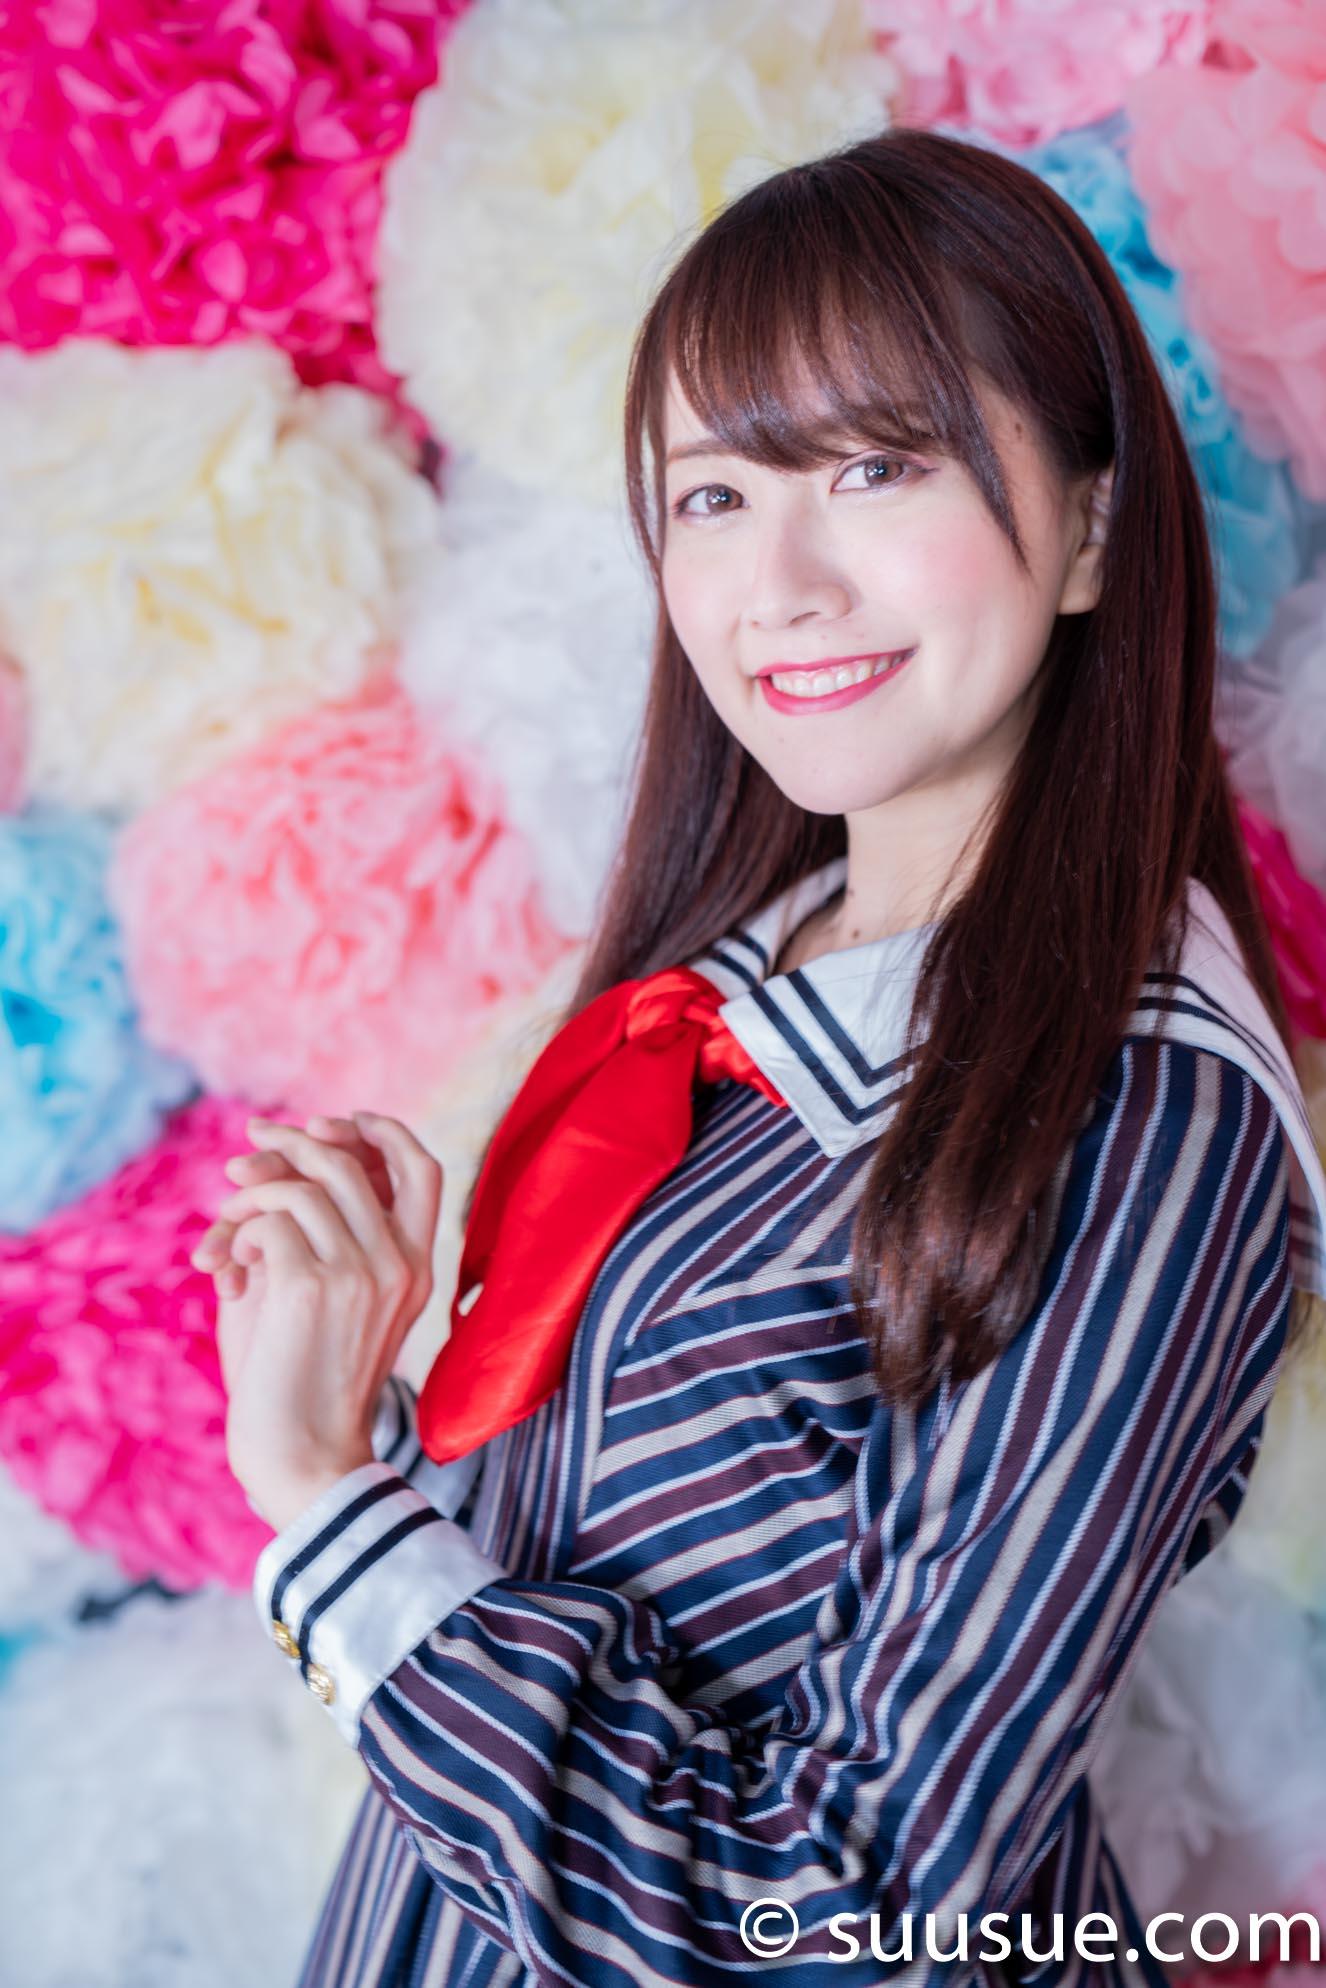 瀬谷ひかる 2019/11/24 NewType撮影会